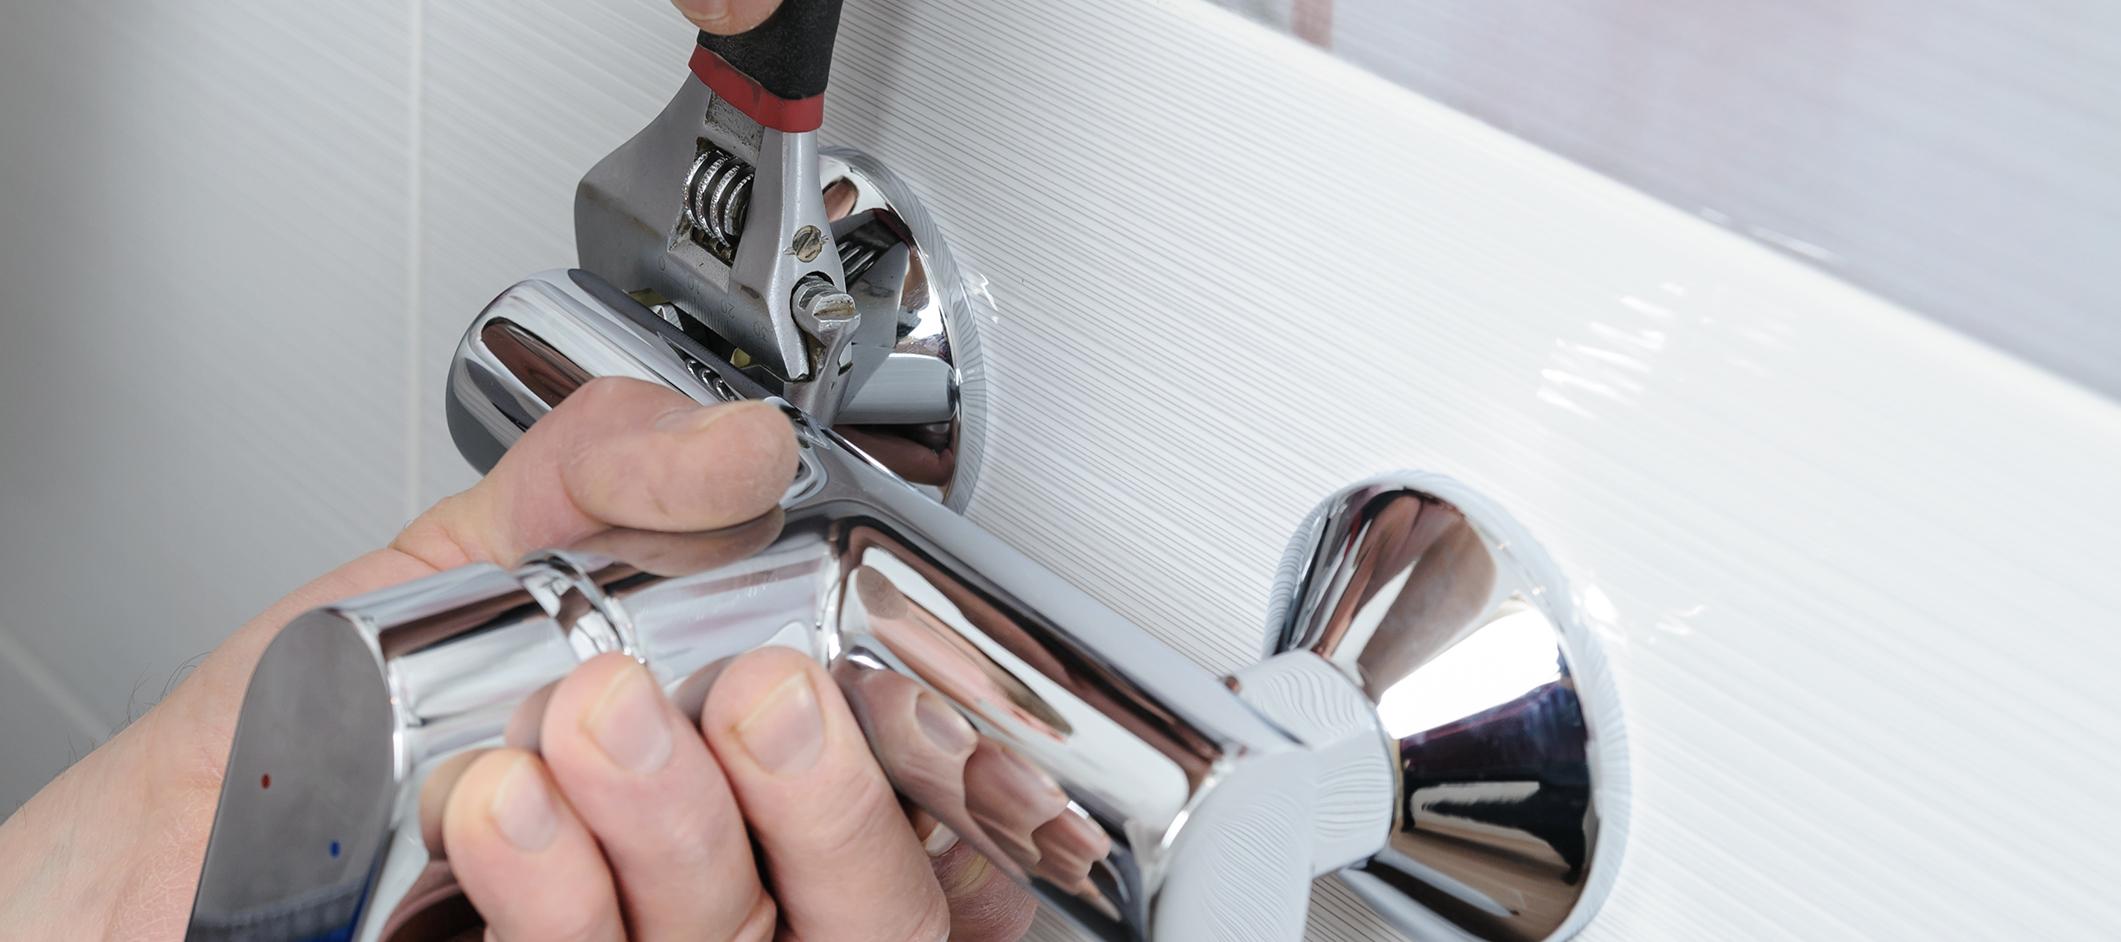 Plomberie sanitaire : tout savoir sur le fonctionnement des équipements